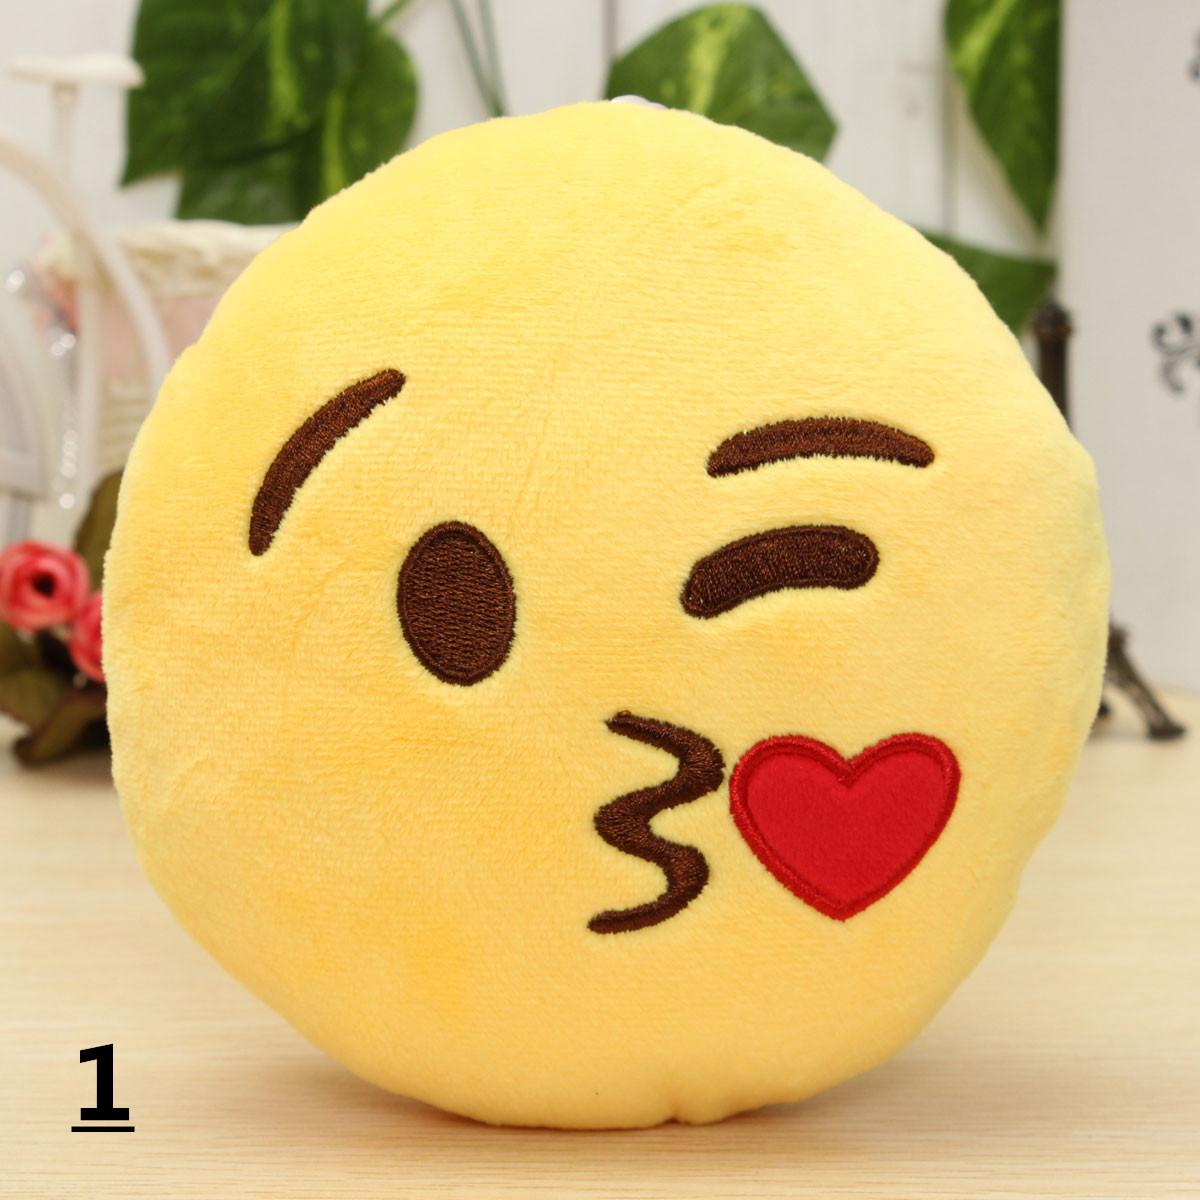 5.9'' 15cm Emoji Smiley Emoticon Stuffed Plush Soft Toy Round Cushion Ornament Decor Gift